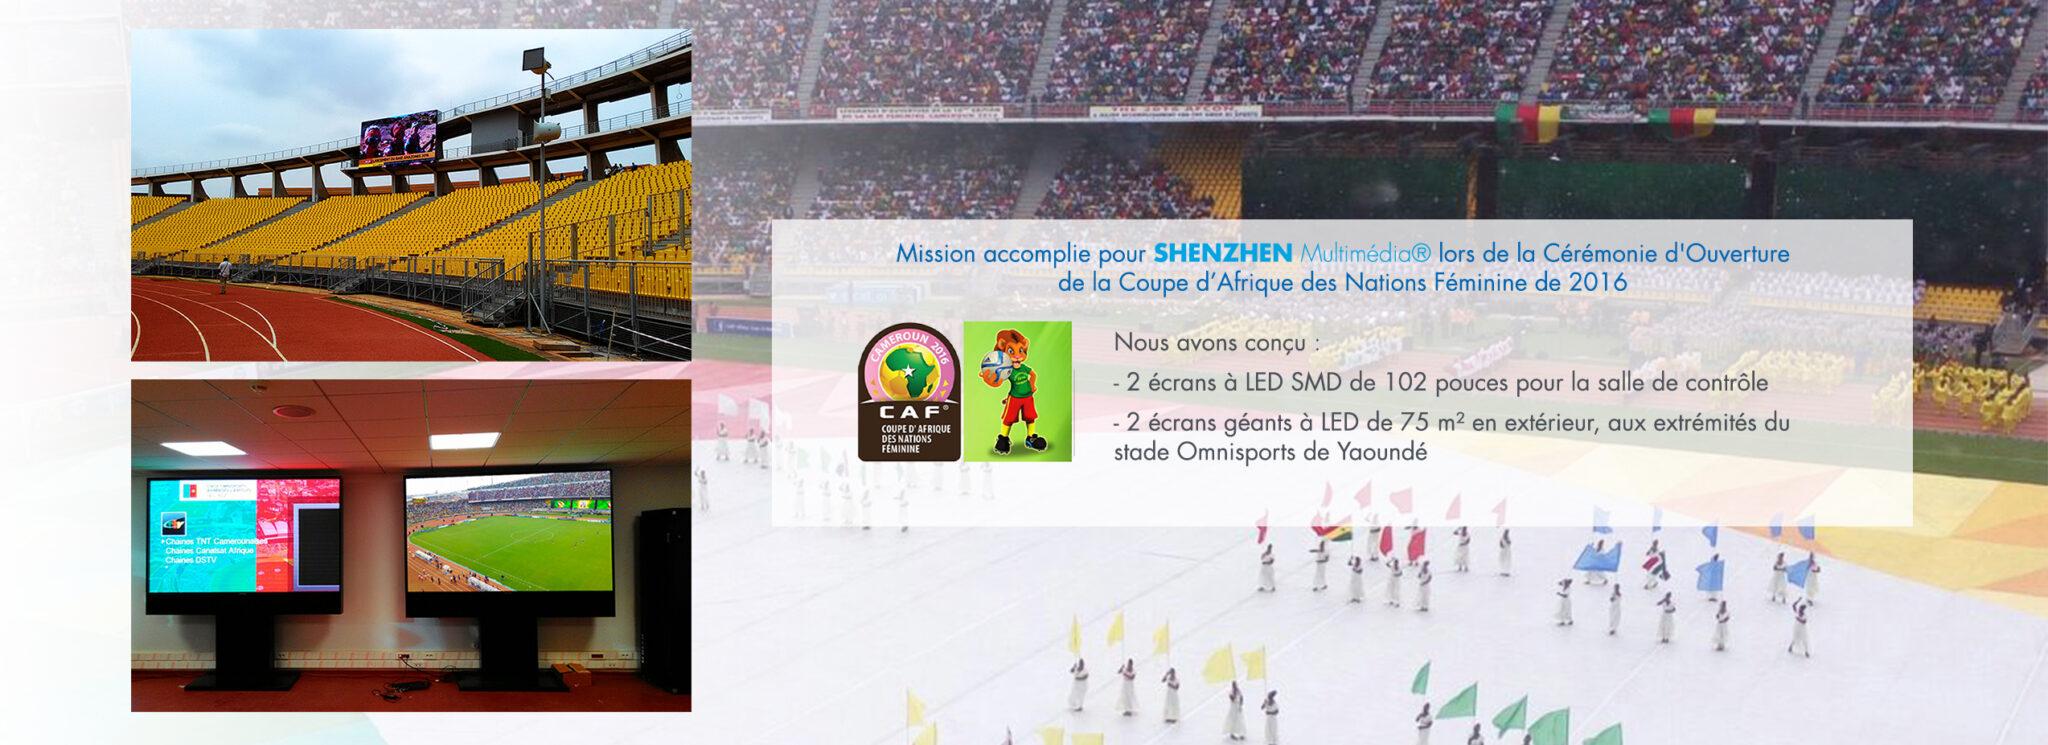 SHENZHEN-Multimédia-installe-4-écrans-géants-intérieur-et-extérieur-pour-le-stade-du-Cameroun-2016